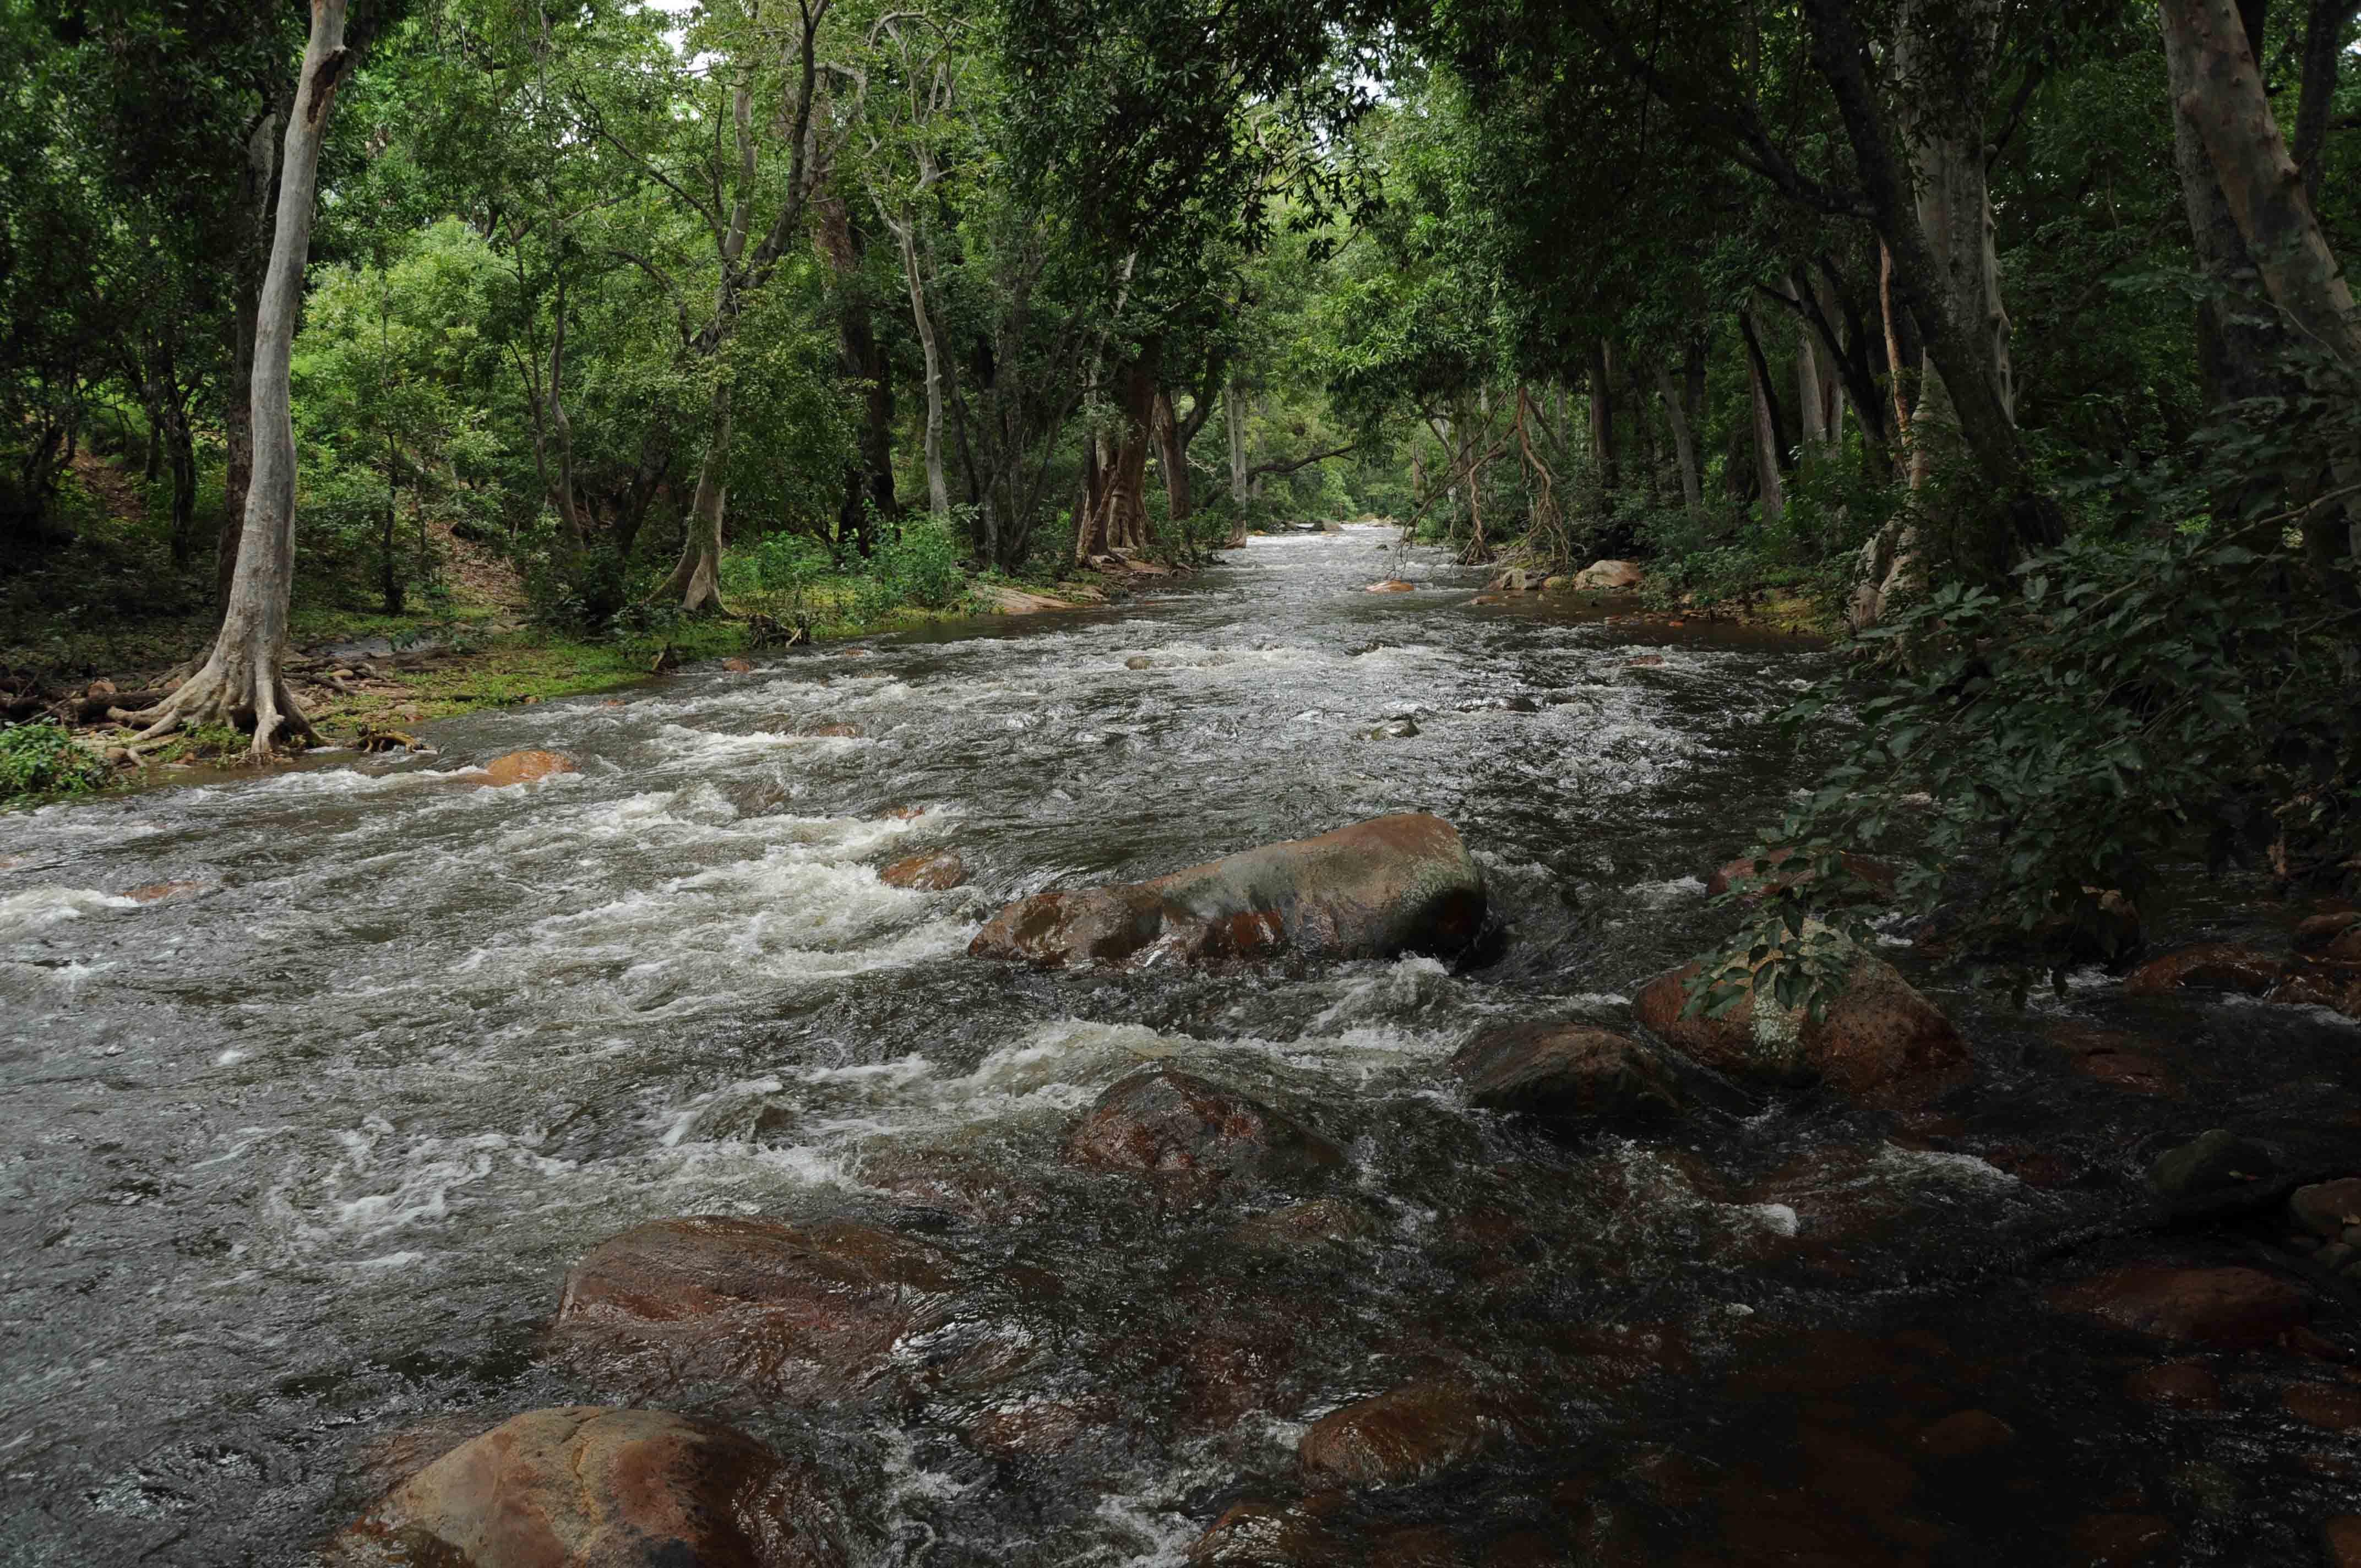 சின்னார் சூழல் சுற்றுலா திட்டம்..! படங்கள்: ரமேஷ் கந்தசாமி